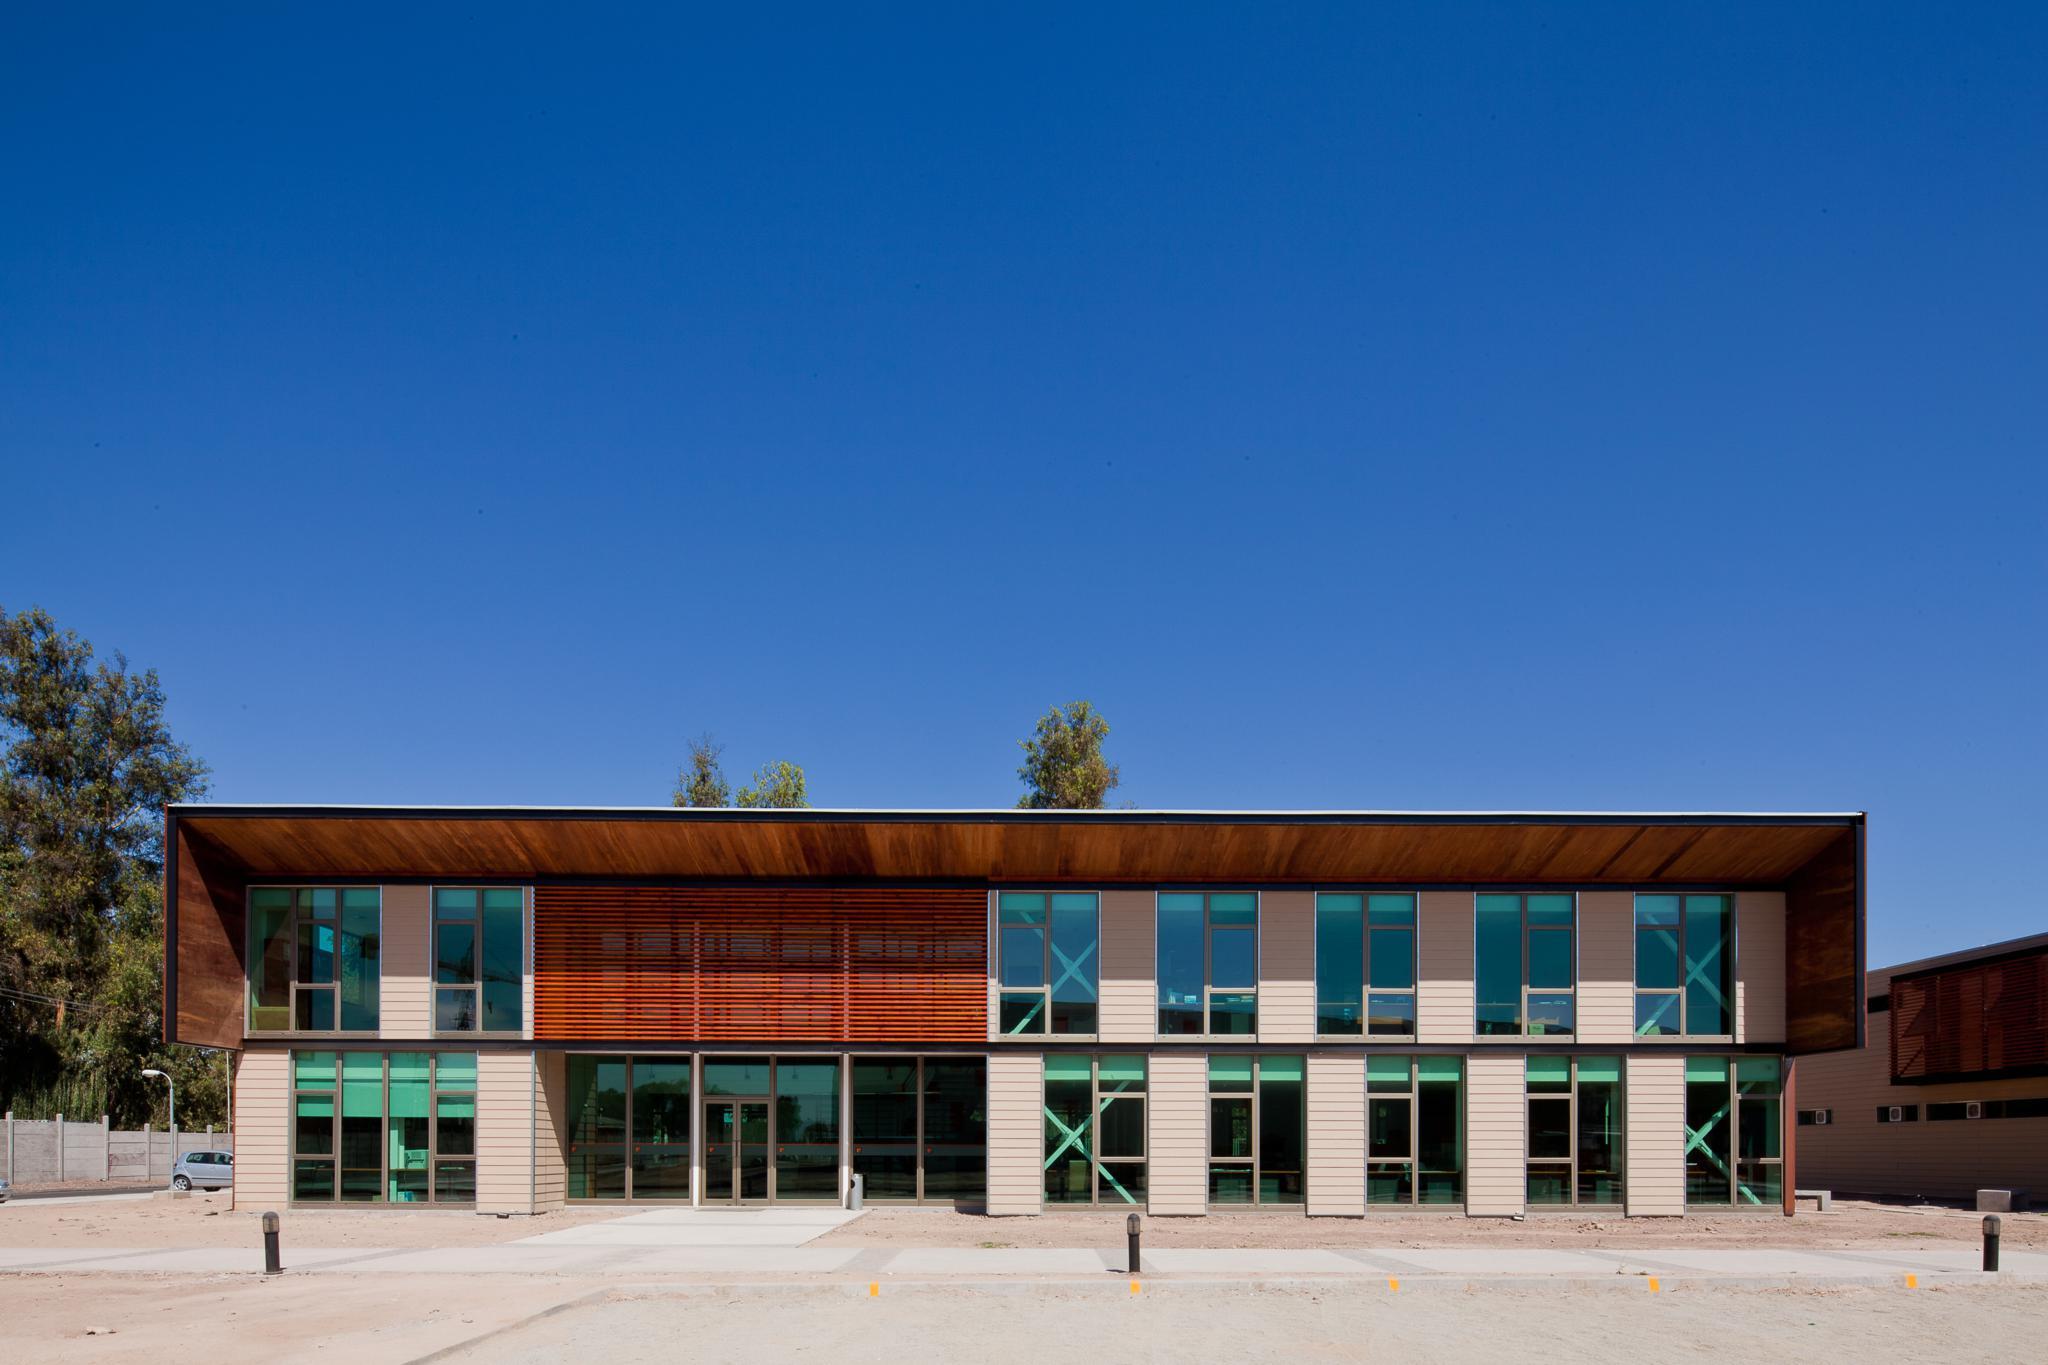 Central Industrial Revesol / Vicente Justiniano Arquitectos, © Juan Sepulveda Grazioli